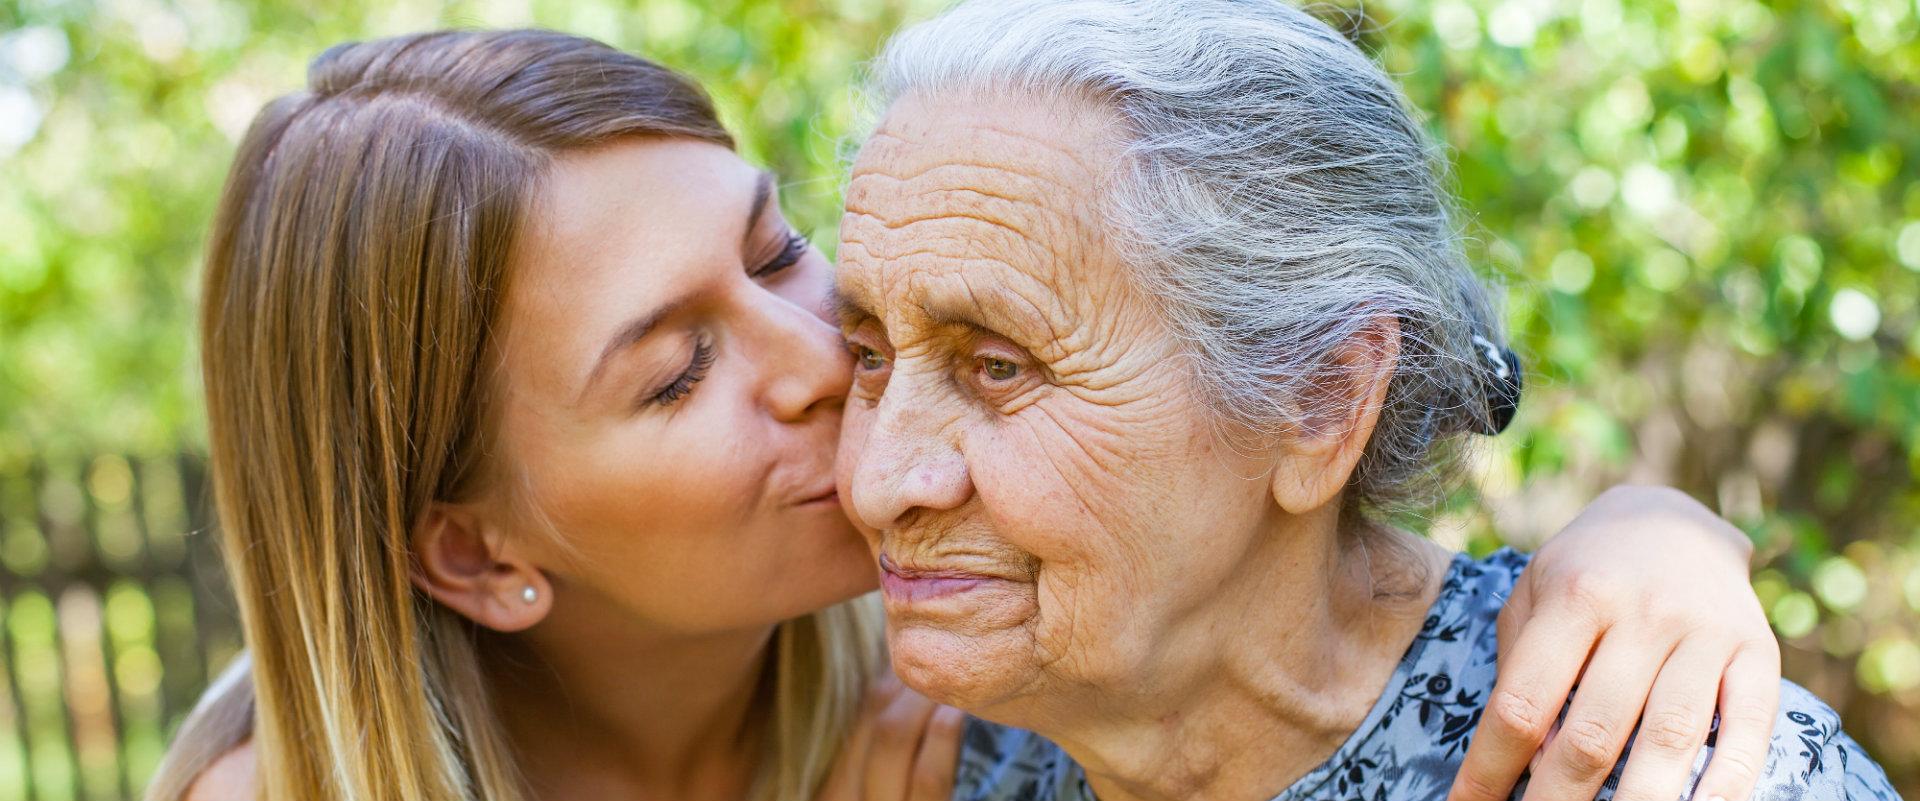 Mujer joven besando una mujer de la tercera edad o abuela